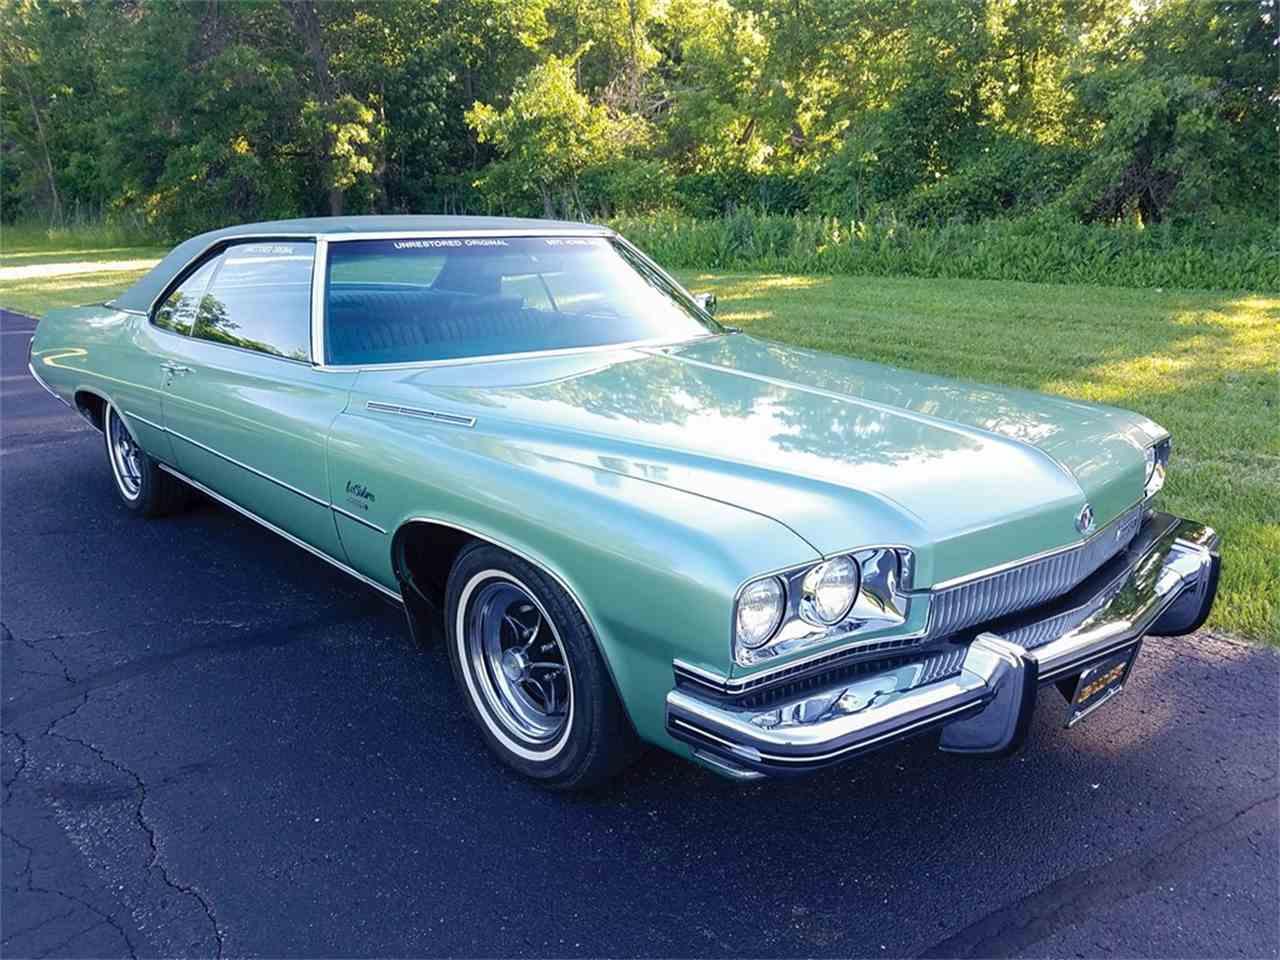 1973 Buick LeSabre for Sale | ClassicCars.com | CC-1111778